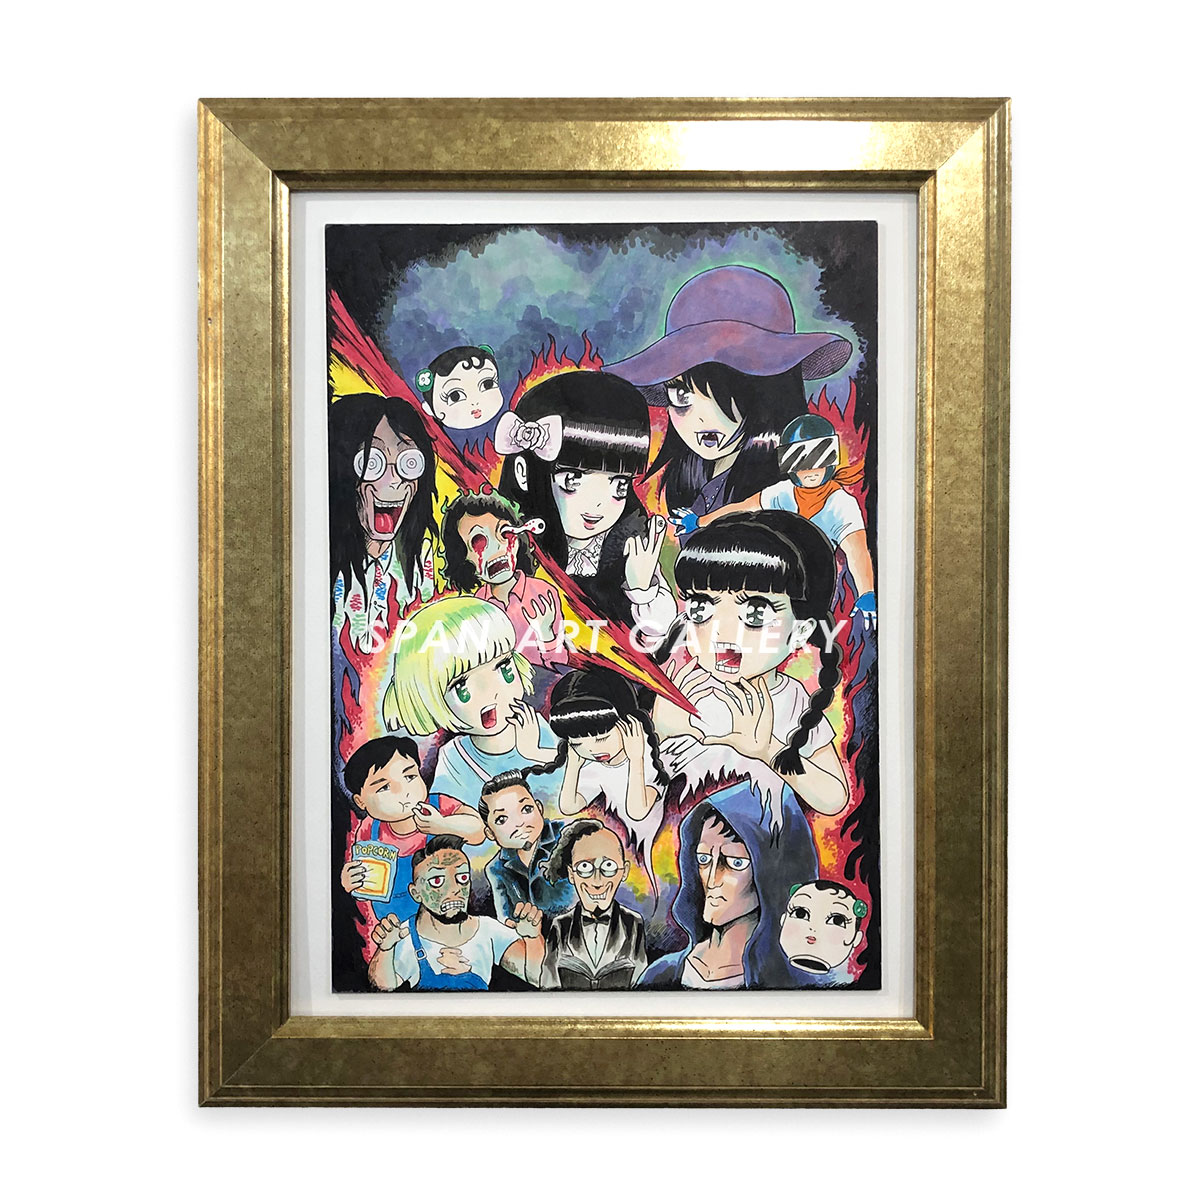 祟山祟 直筆原画『めろん畑のGO GO - DVDメラゴラゴラジャケット』